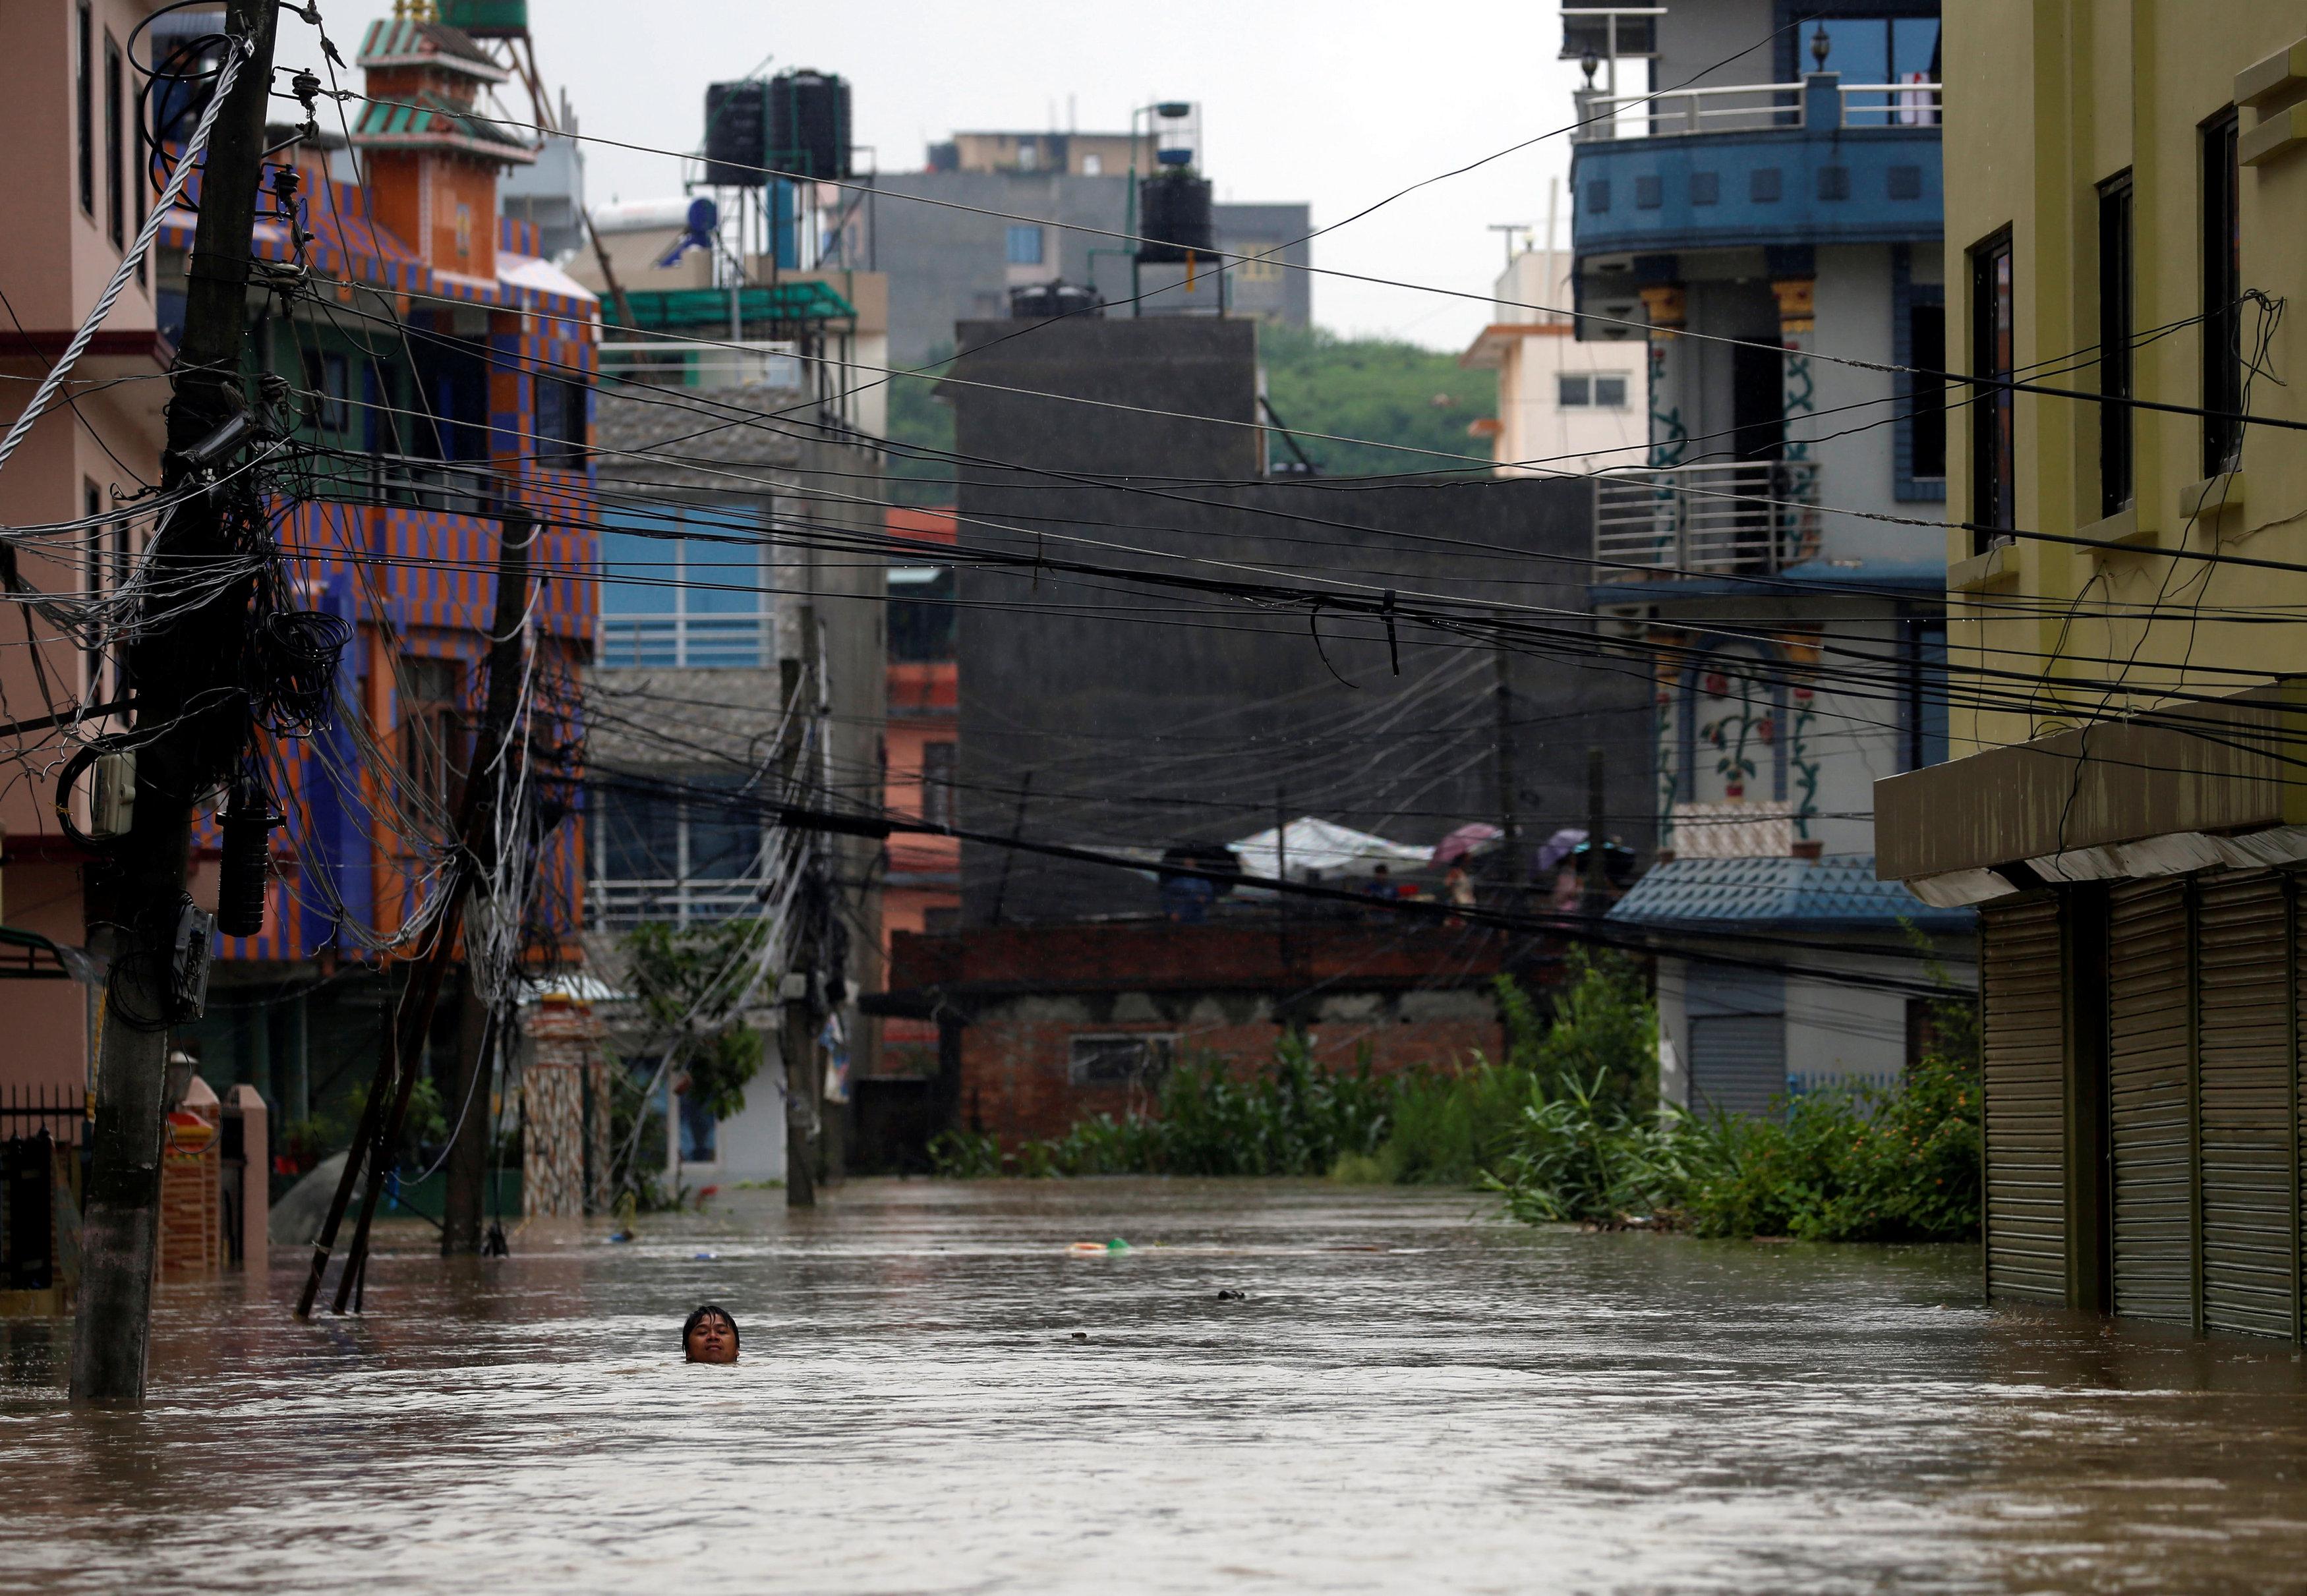 غرق الشوارع بالمياه